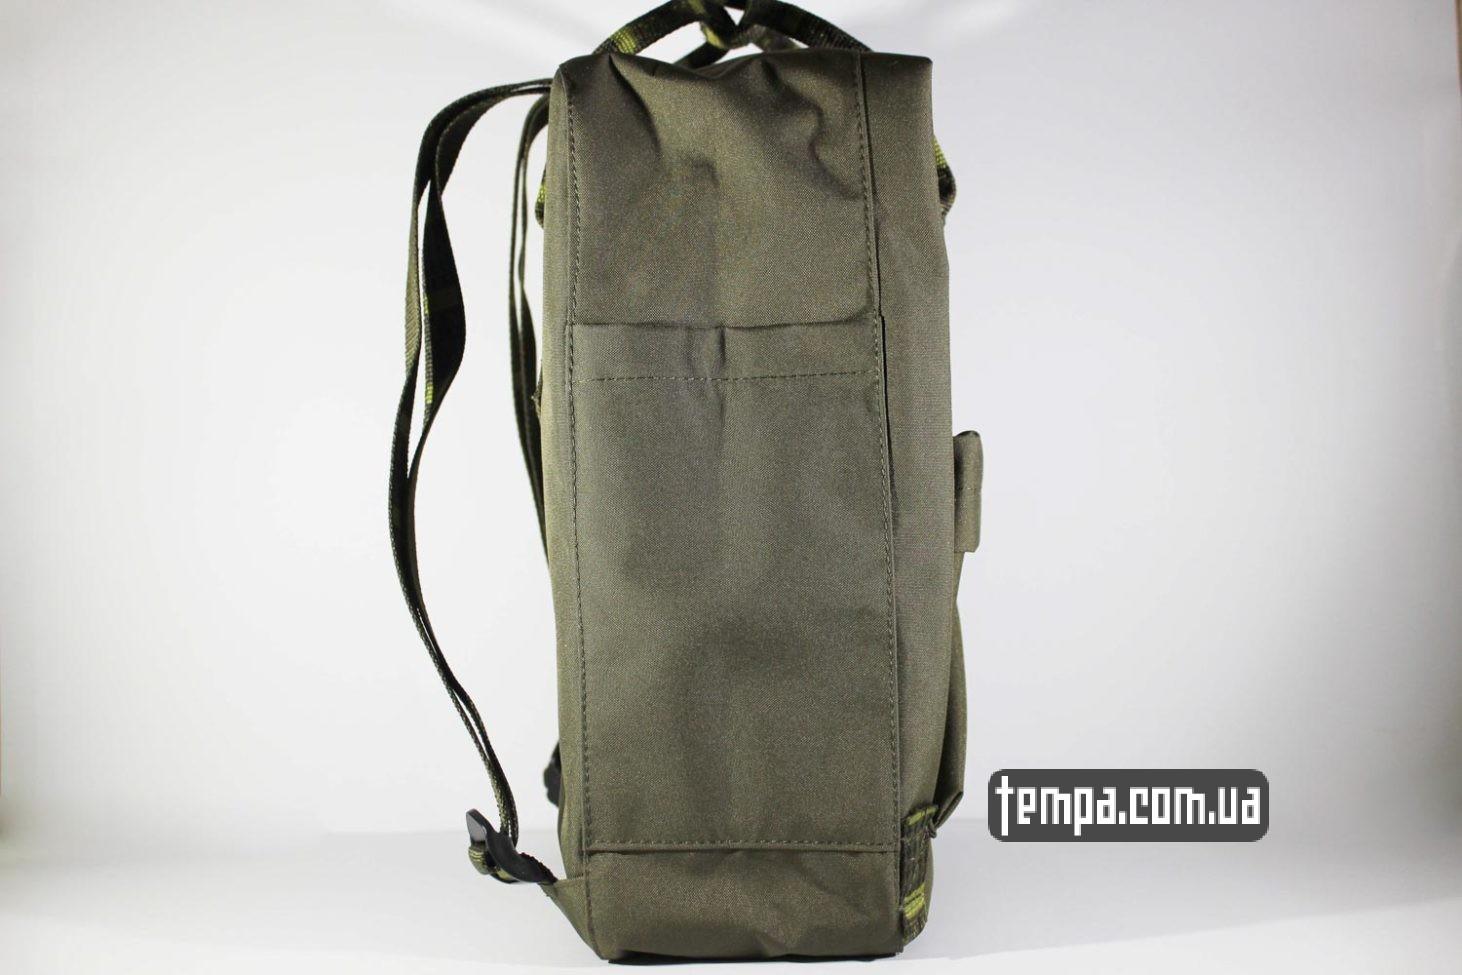 купить женски рюкзак kanken fjällräven купить зеленый рюкзак украина